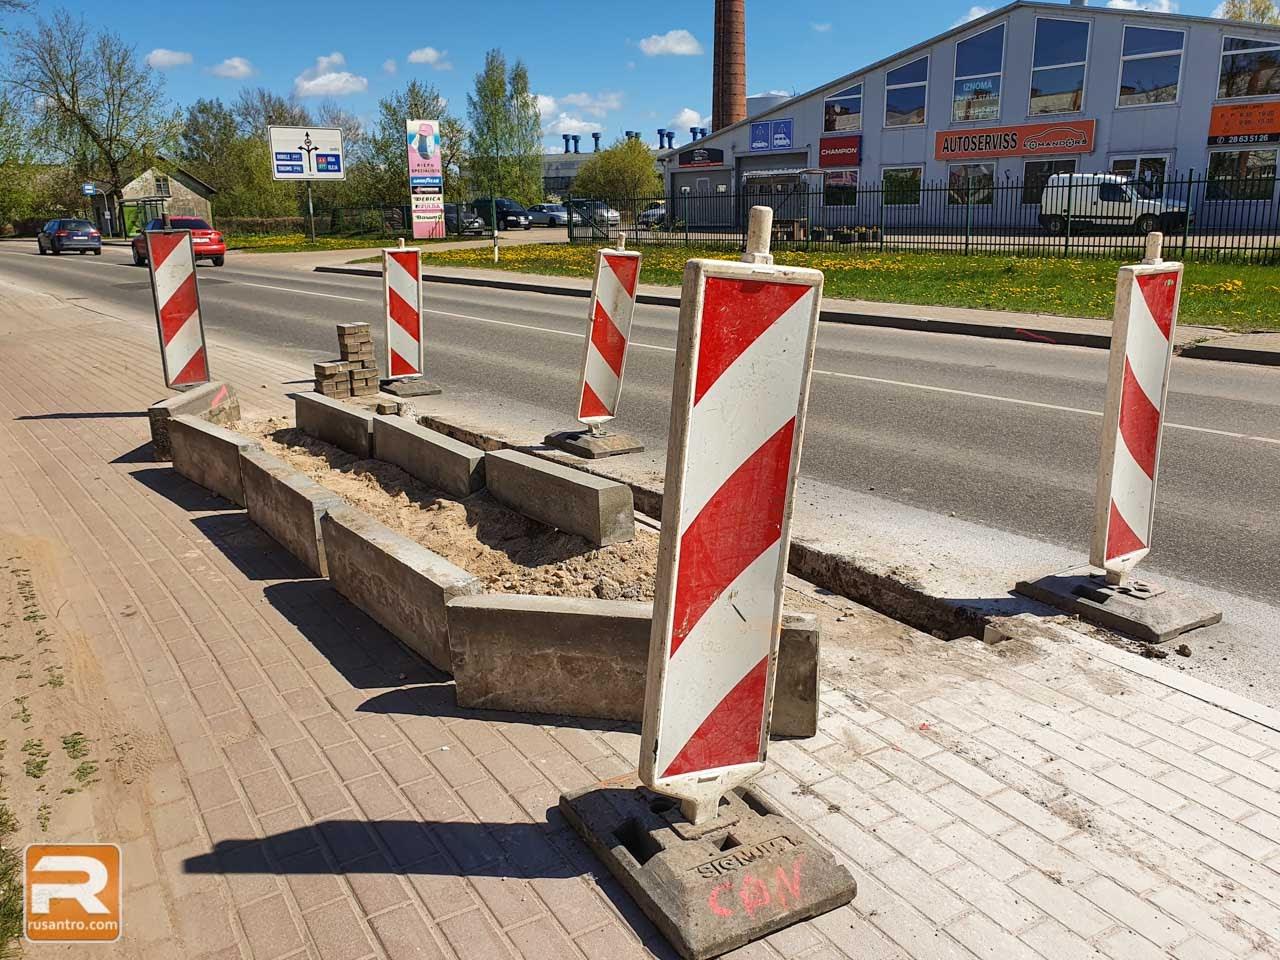 Zīmes ierobežo gājēju pārējas celtniecības vietu